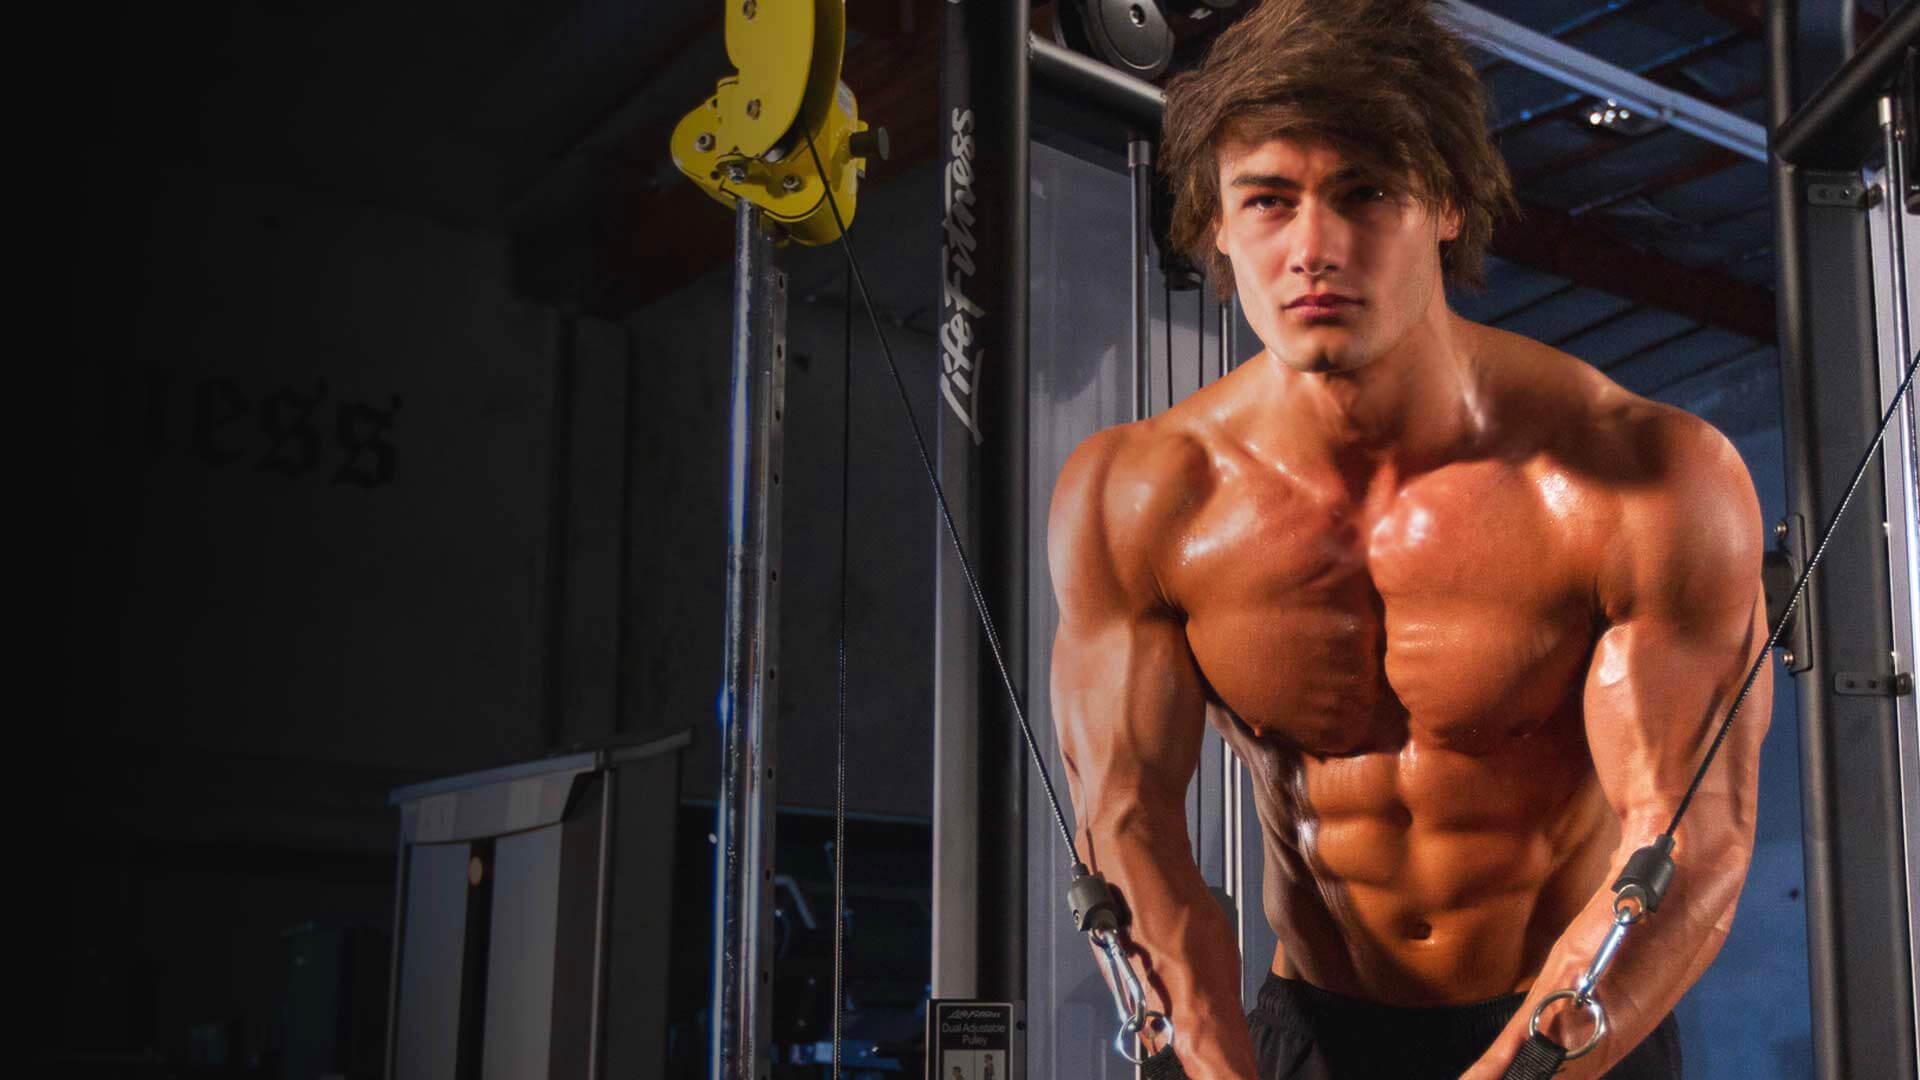 JeffSeid-workout-nutrition